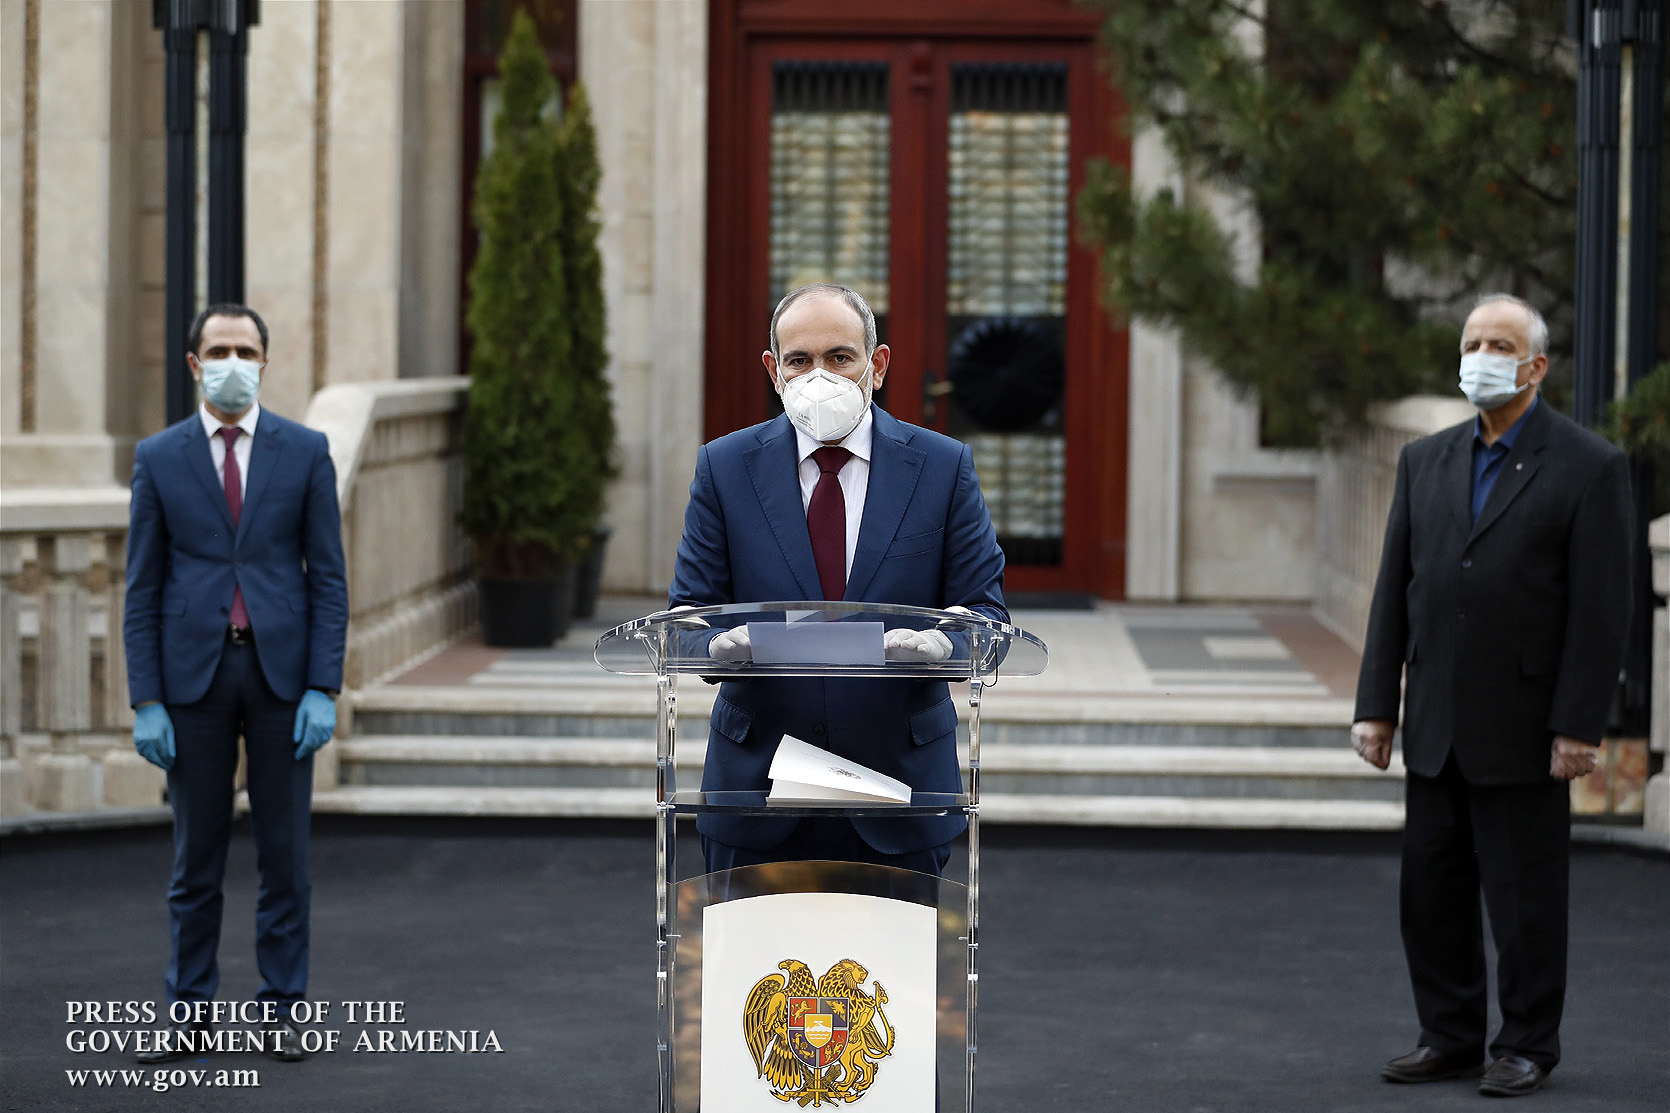 Photo of Ես պարտավոր եմ հավատալ ՀՀ քաղաքացու վարքագծով սարեր շուռ տալու հնարավորությանը. վարչապետ